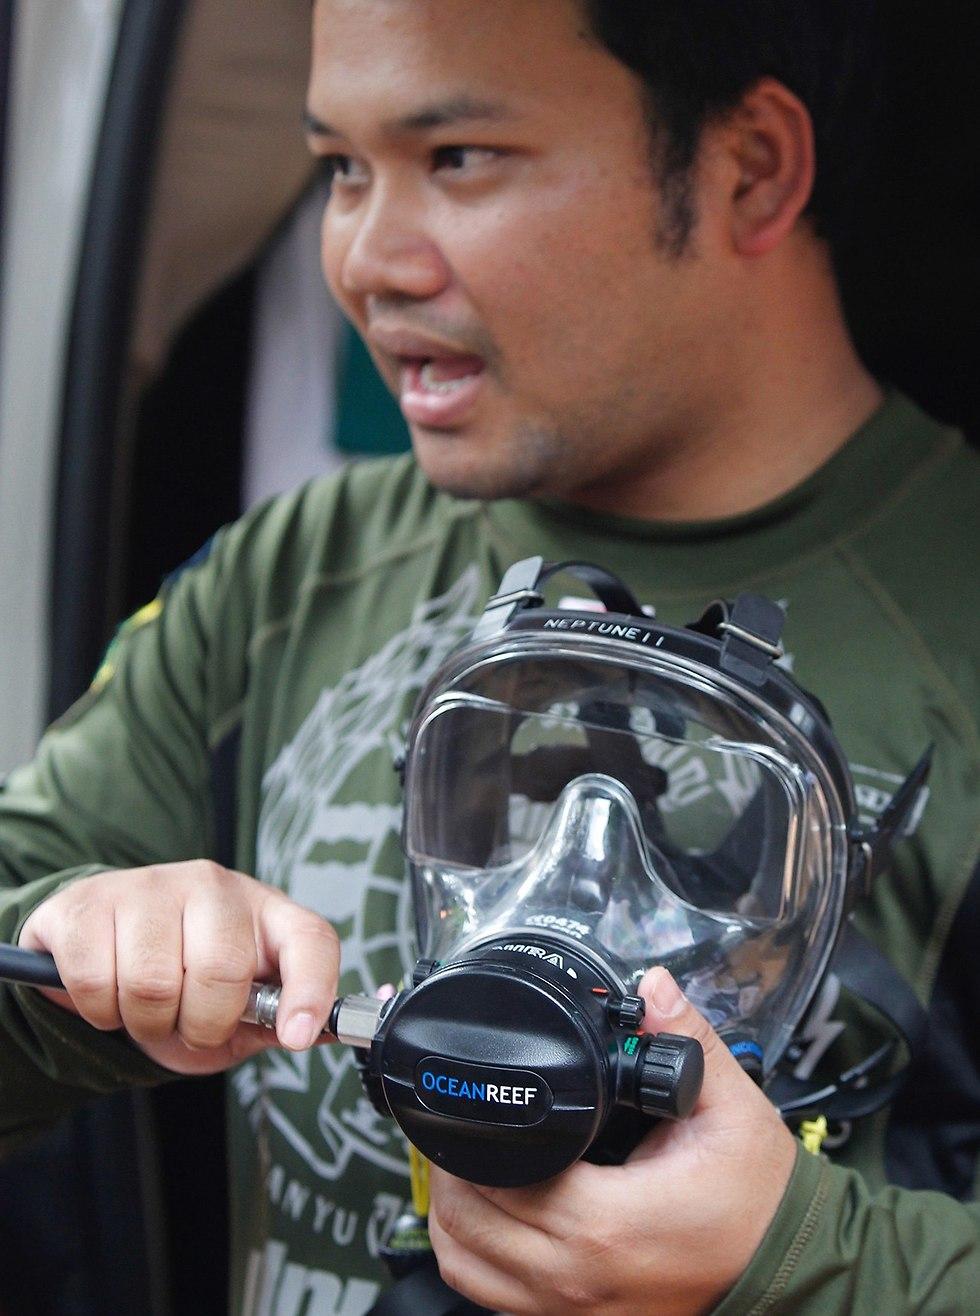 Дайвер с кислородной маской. Фото: EPA